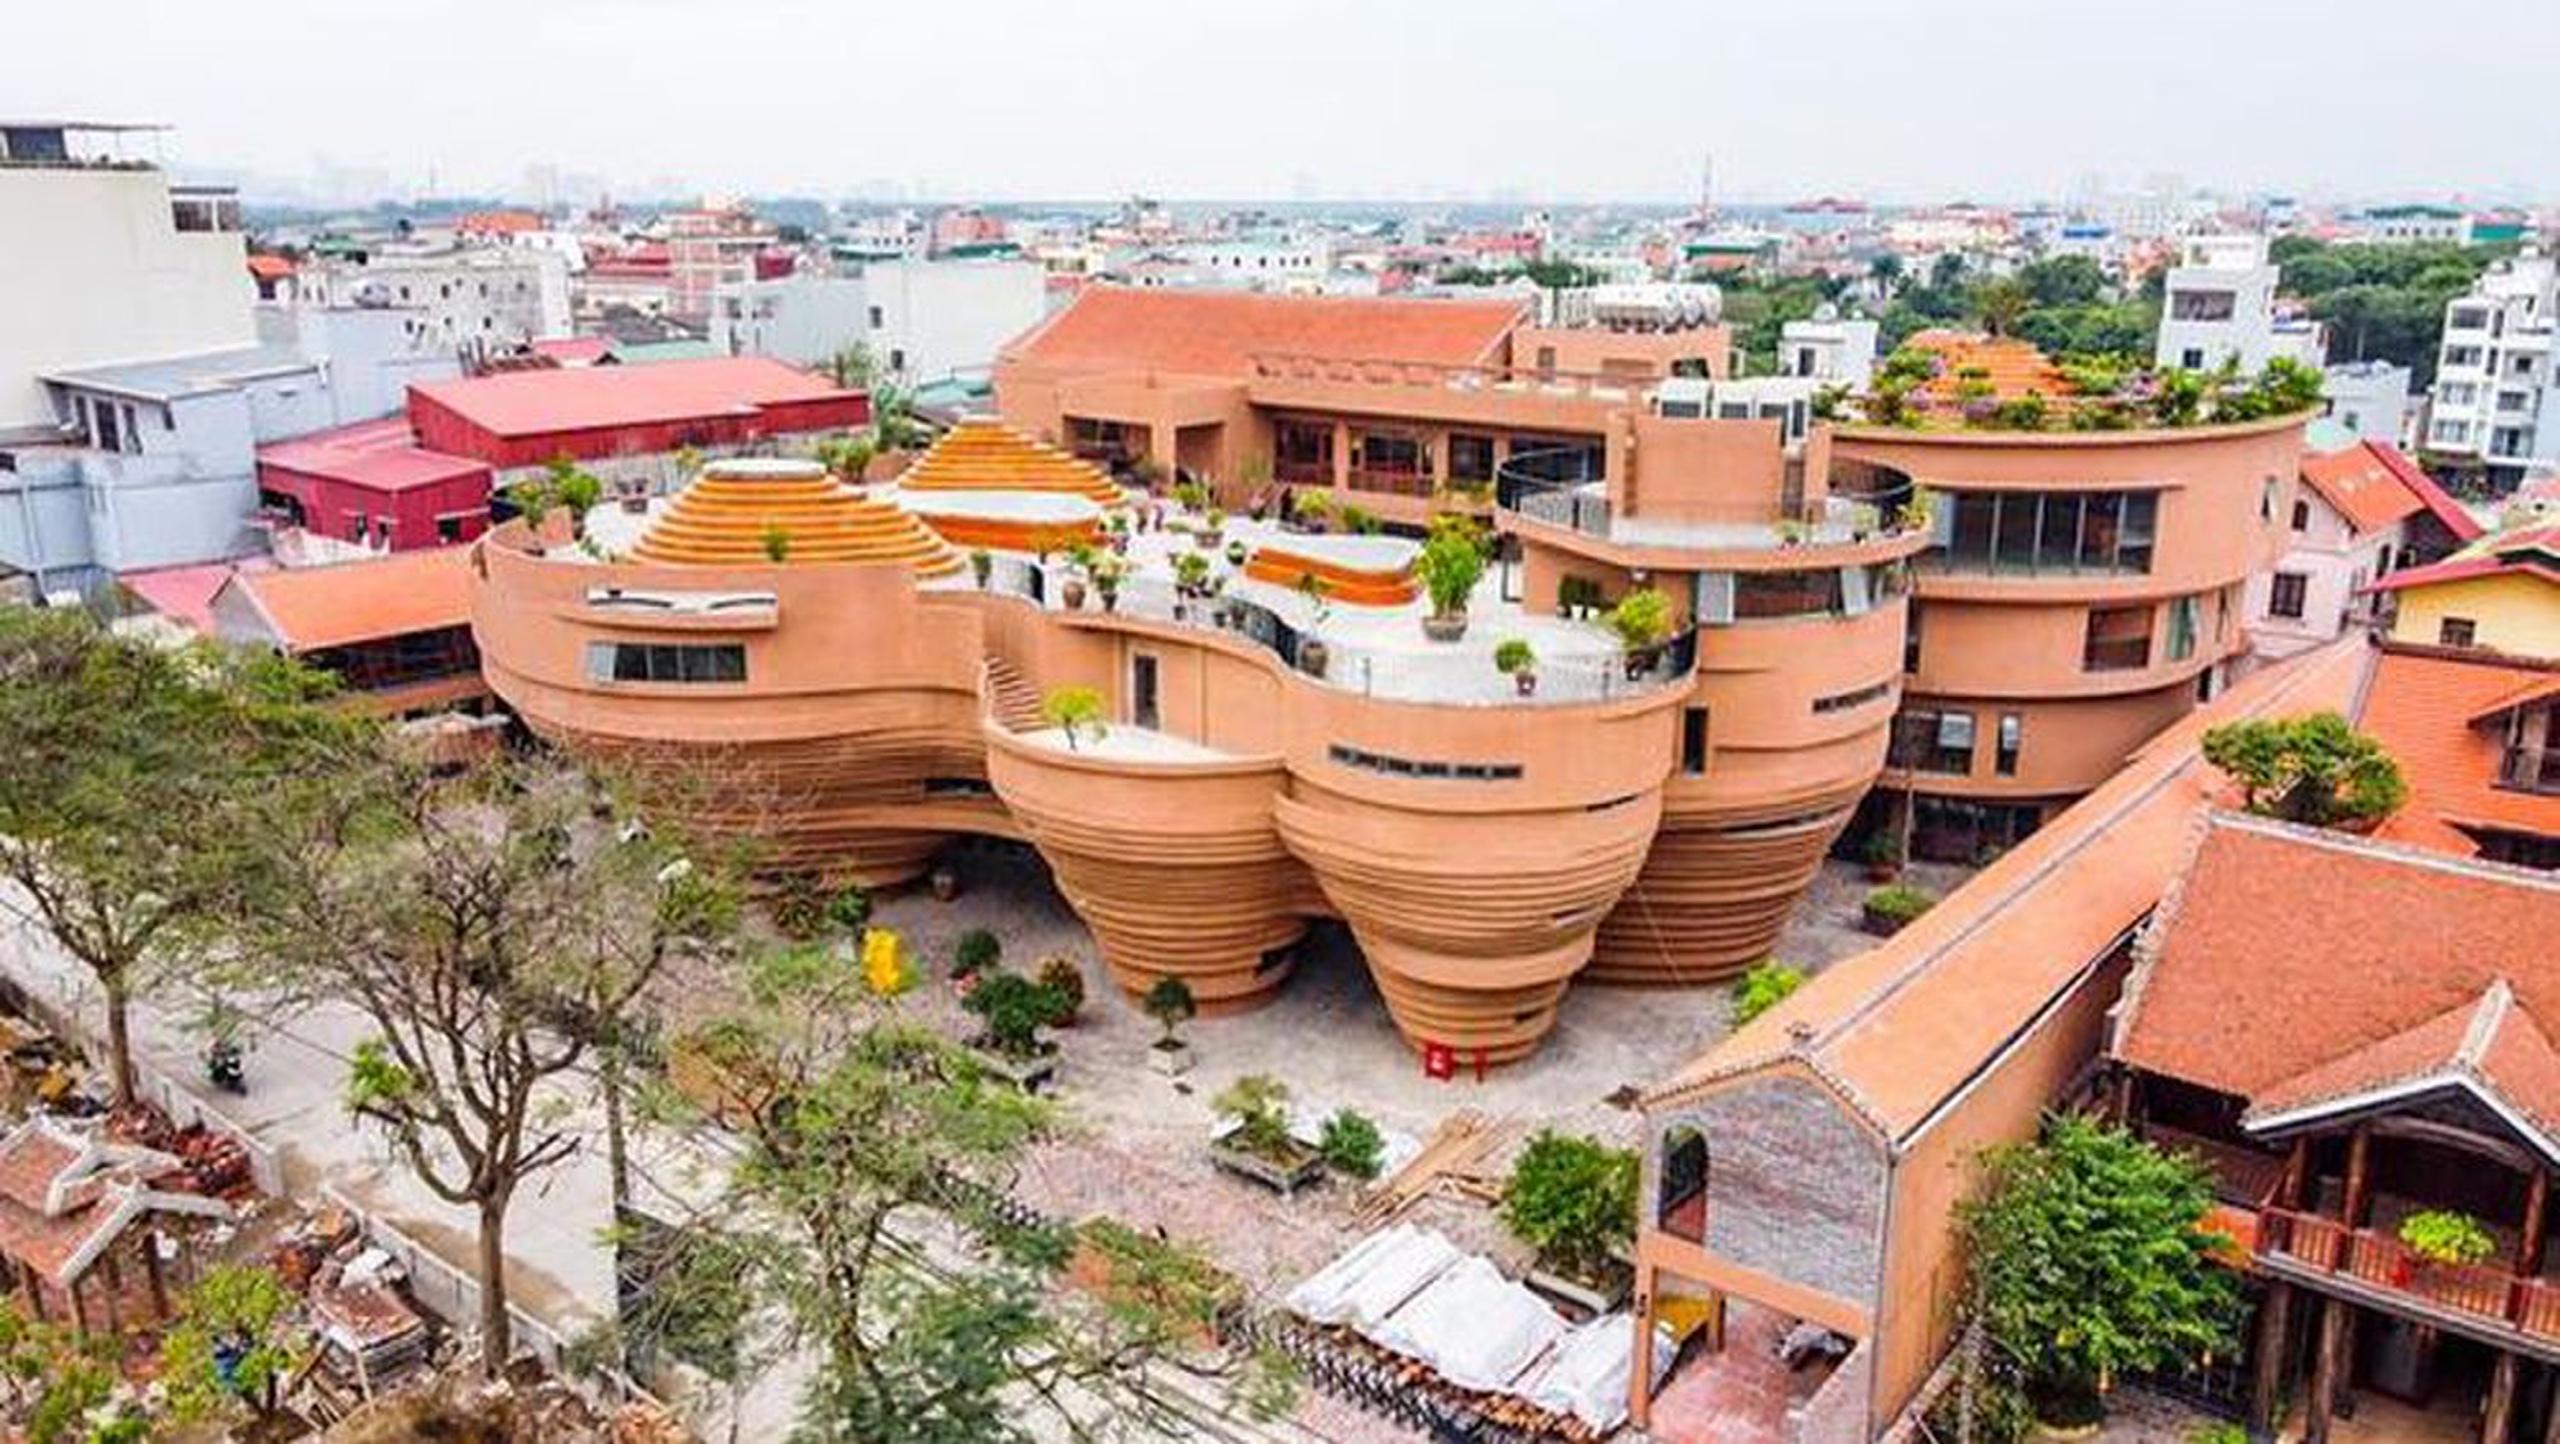 Trung tâm Tinh hoa làng nghề Việt - Điểm đến độc đáo ở làng gốm Bát Tràng.